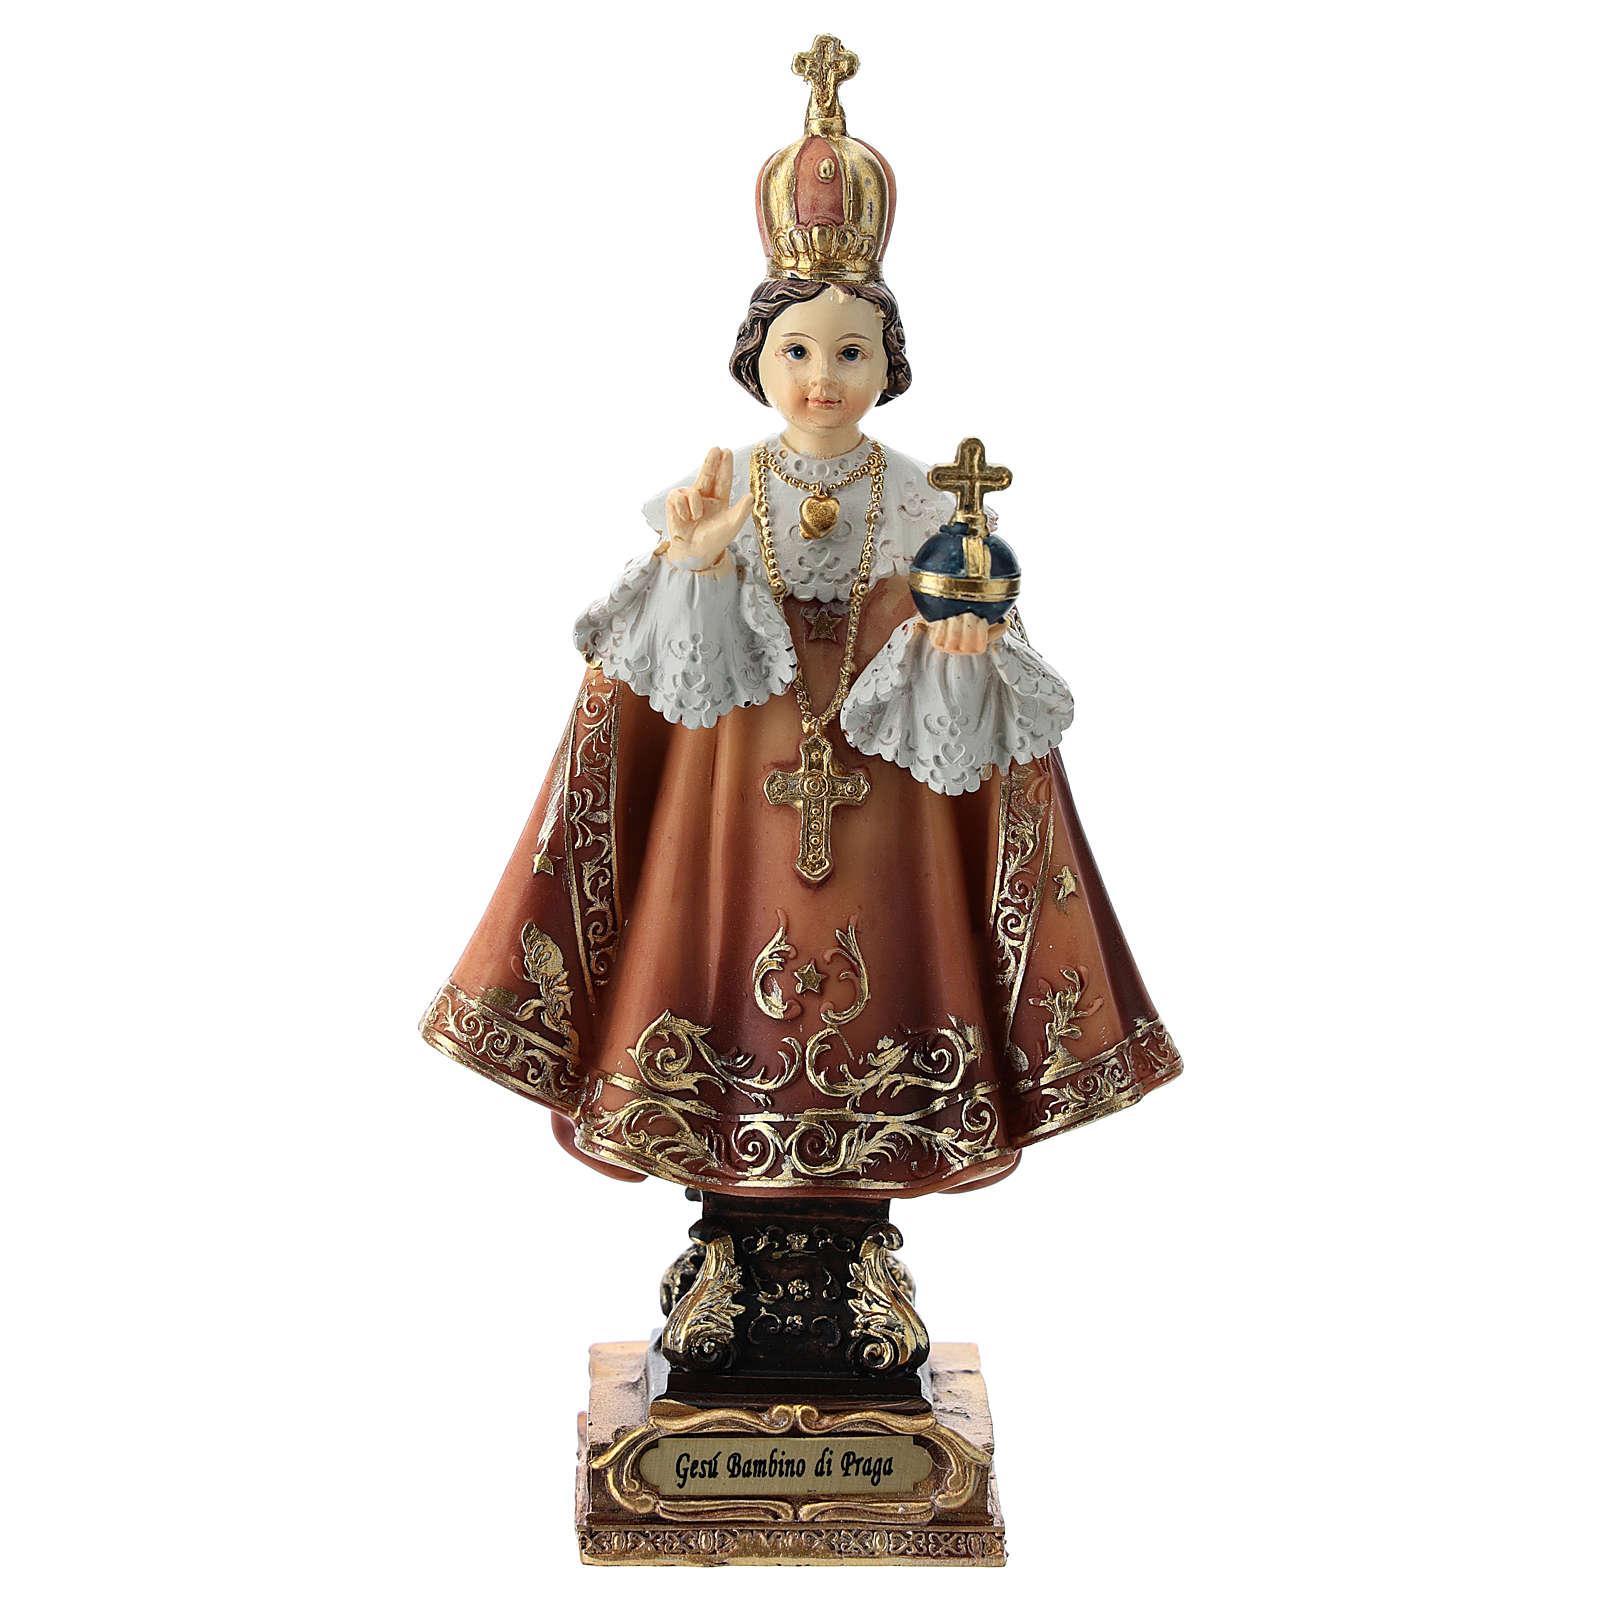 Enfant Jésus de Prague statue 15 cm 4